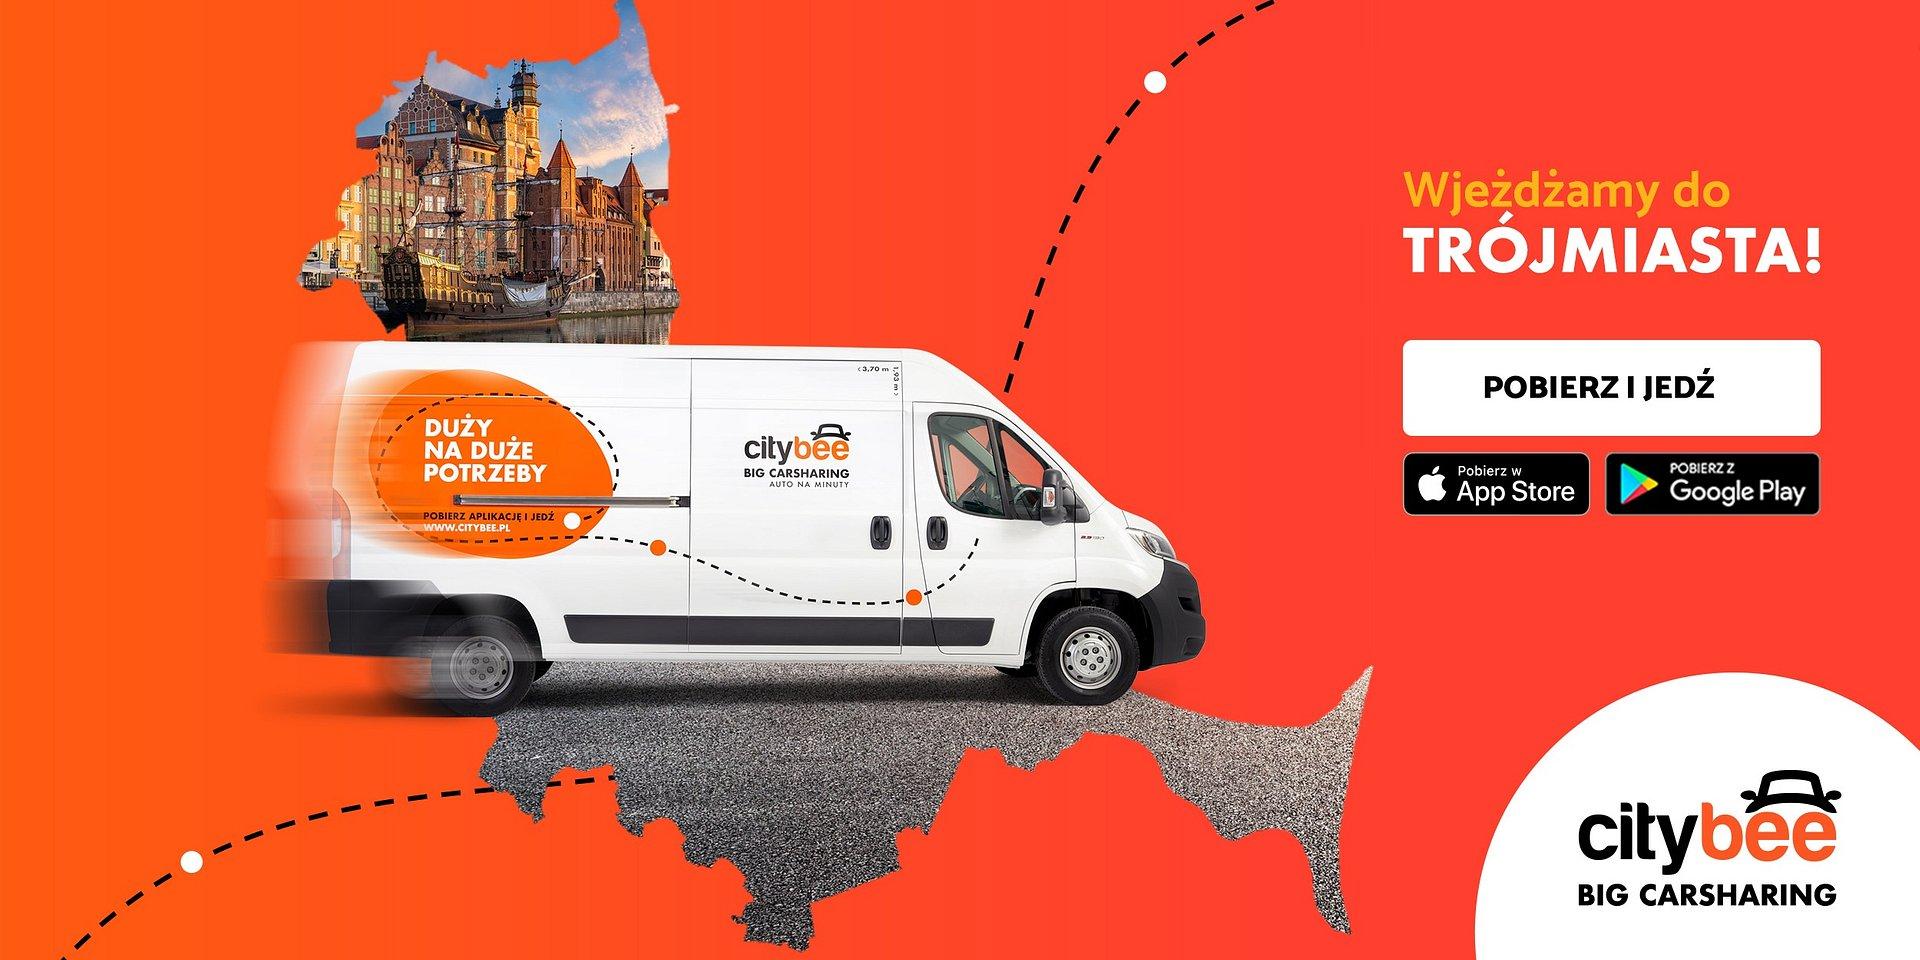 CityBee dostępne w Trójmieście! Startuje wynajem dostawczaków na minuty